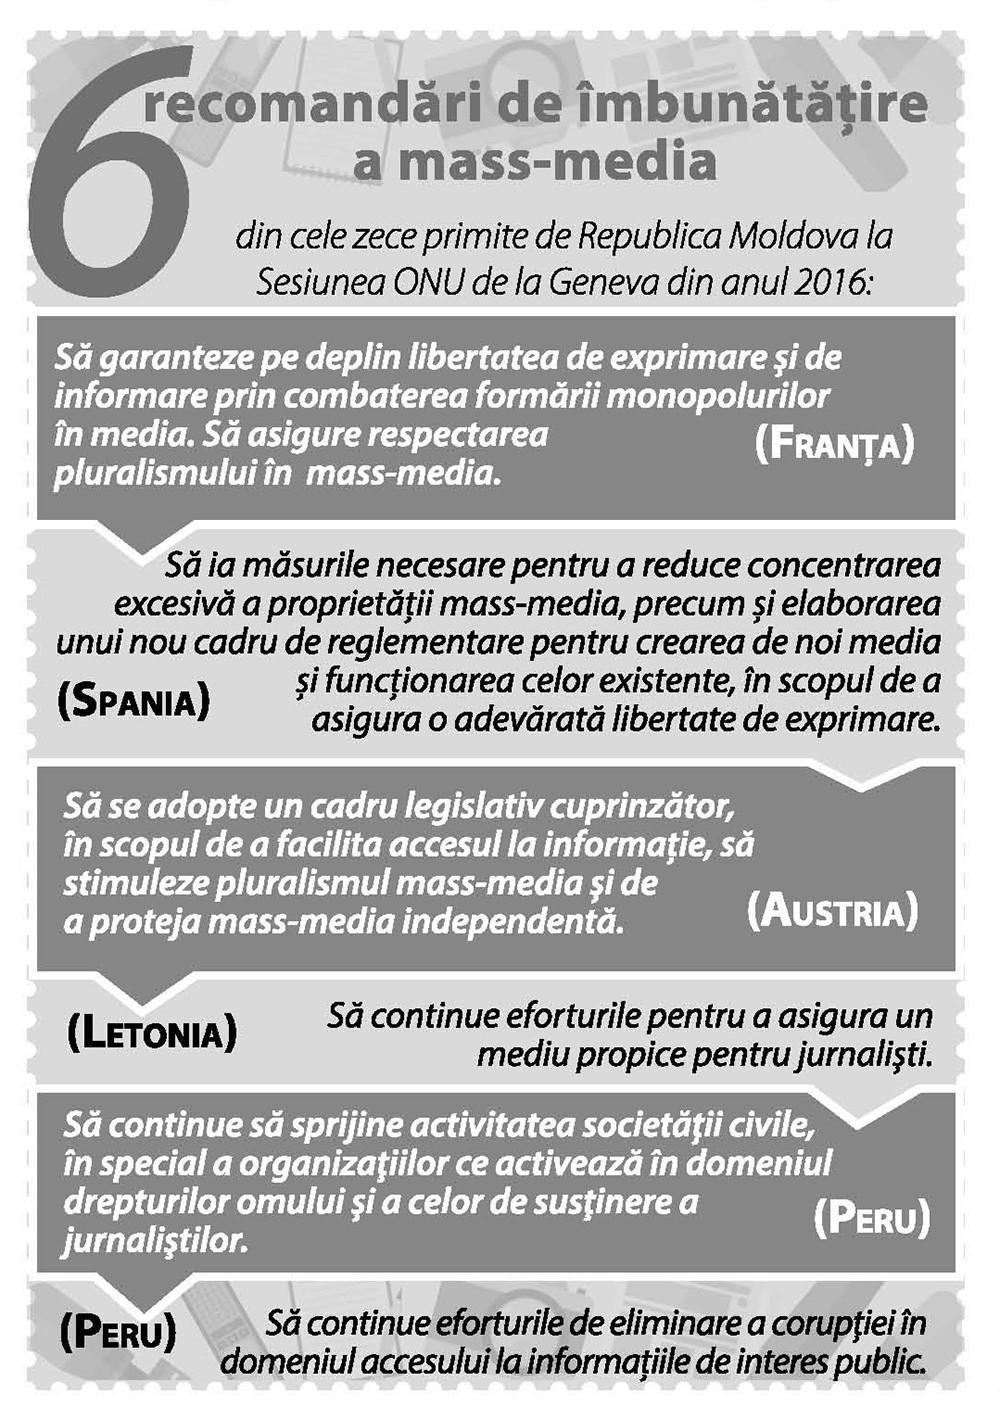 Șase recomandări de îmbunătățire a mass-media din cele zece primite de Republica Moldova la Sesiunea ONU de la Geneva din anul 2016